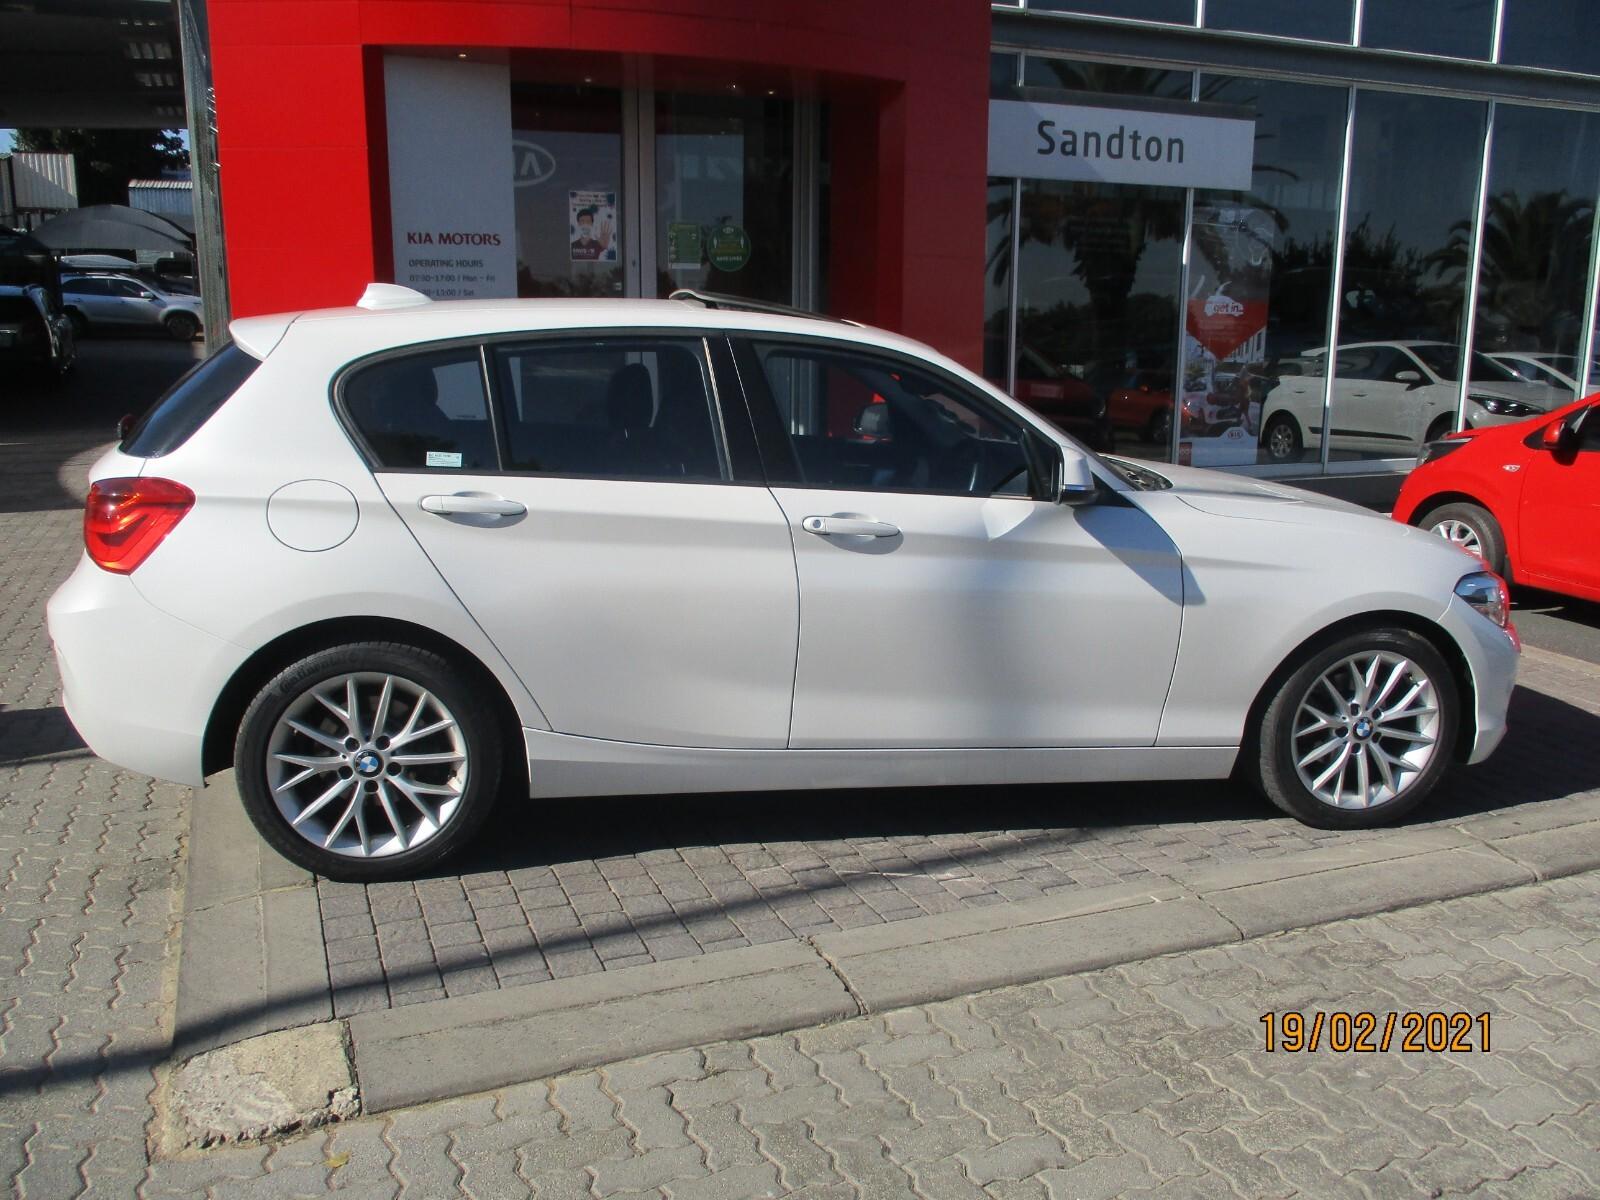 BMW 118i 5DR A/T (F20) Sandton 7328508